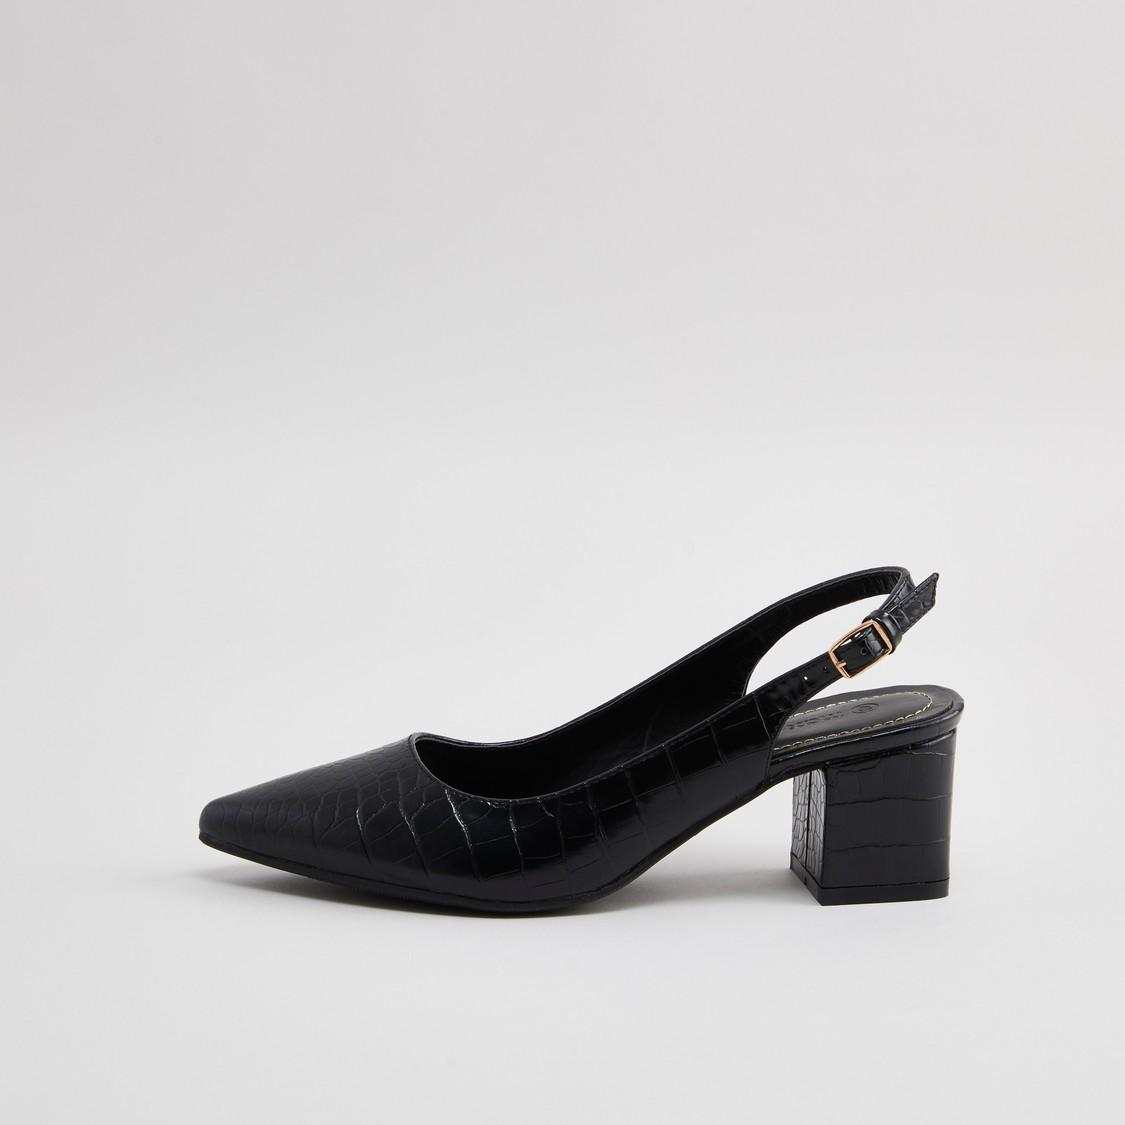 حذاء بكعب عالي بارز الملمس مزين بإبزيم إغلاق